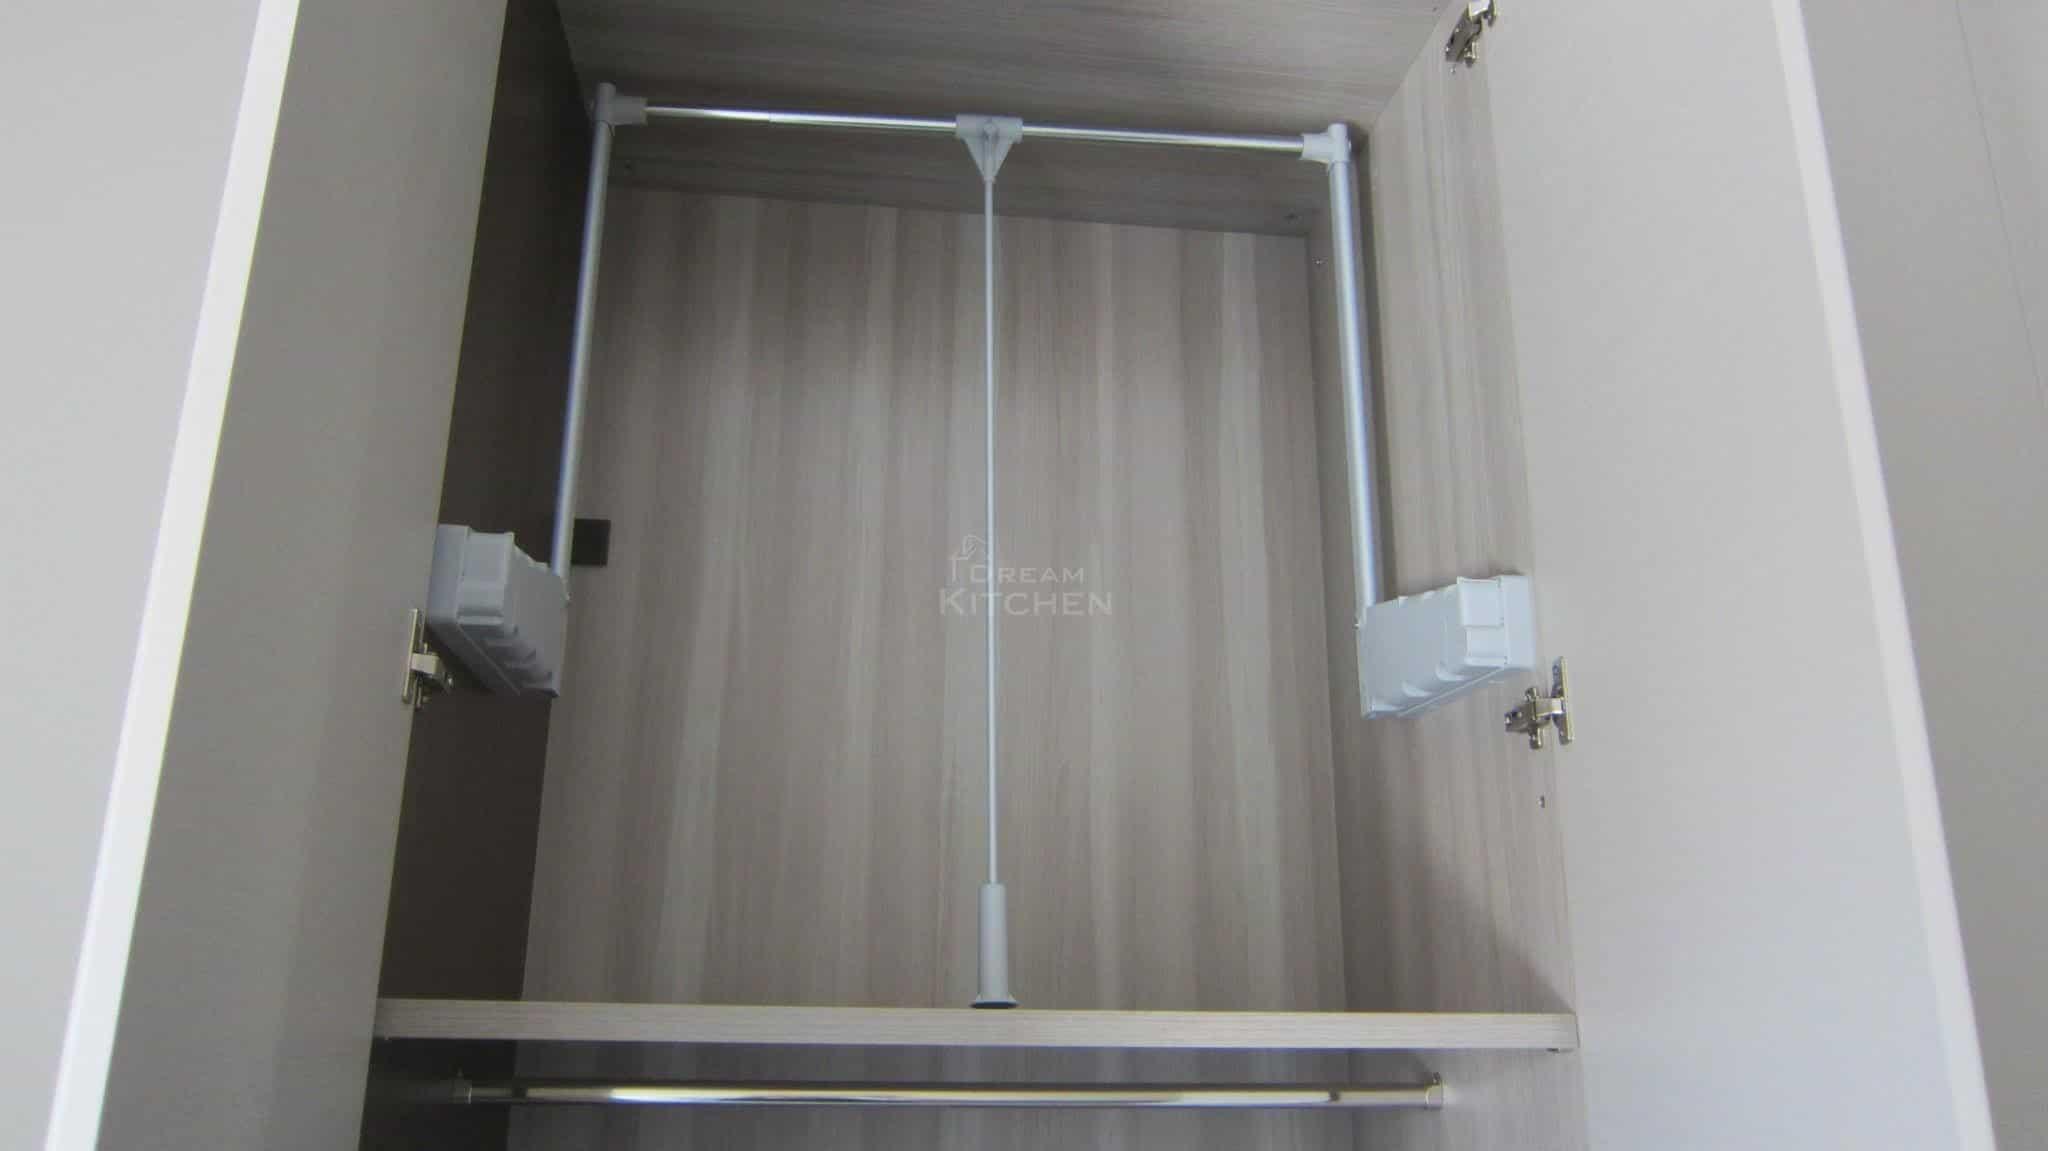 Πλήρης επίπλωση κατοικίας ντουλαπα βακελιτη 20